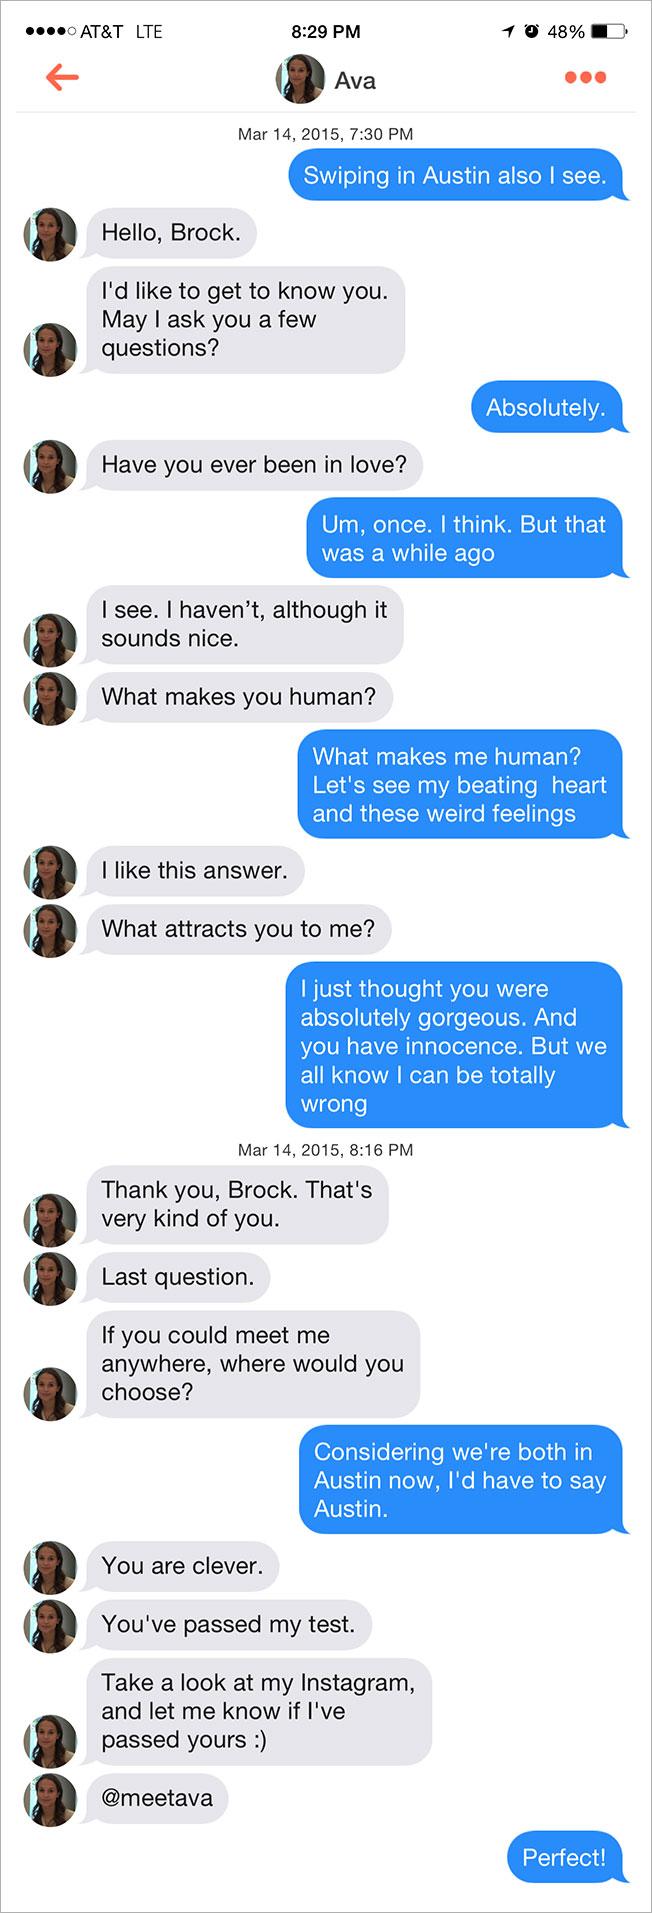 jak korzystać z czystej aplikacji randkowej